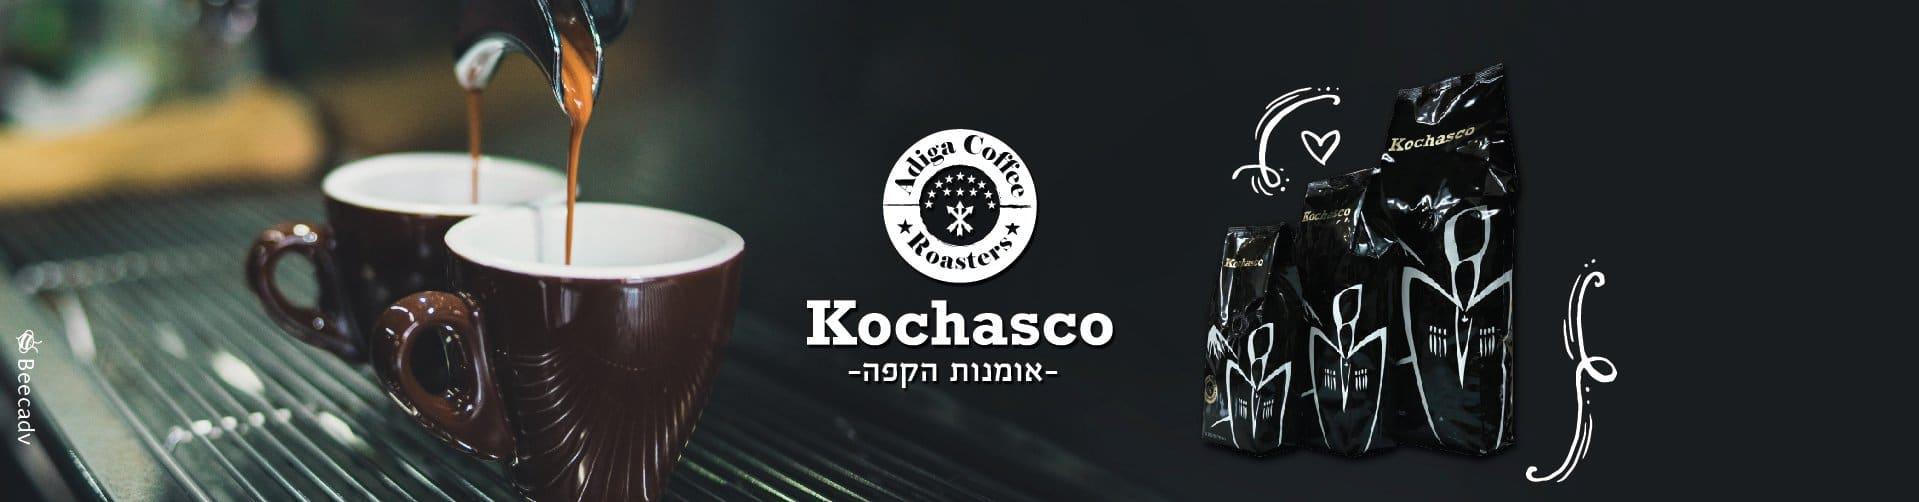 בית קלייה לקפה מובחר קוצ'אסקו אומנות הקפה